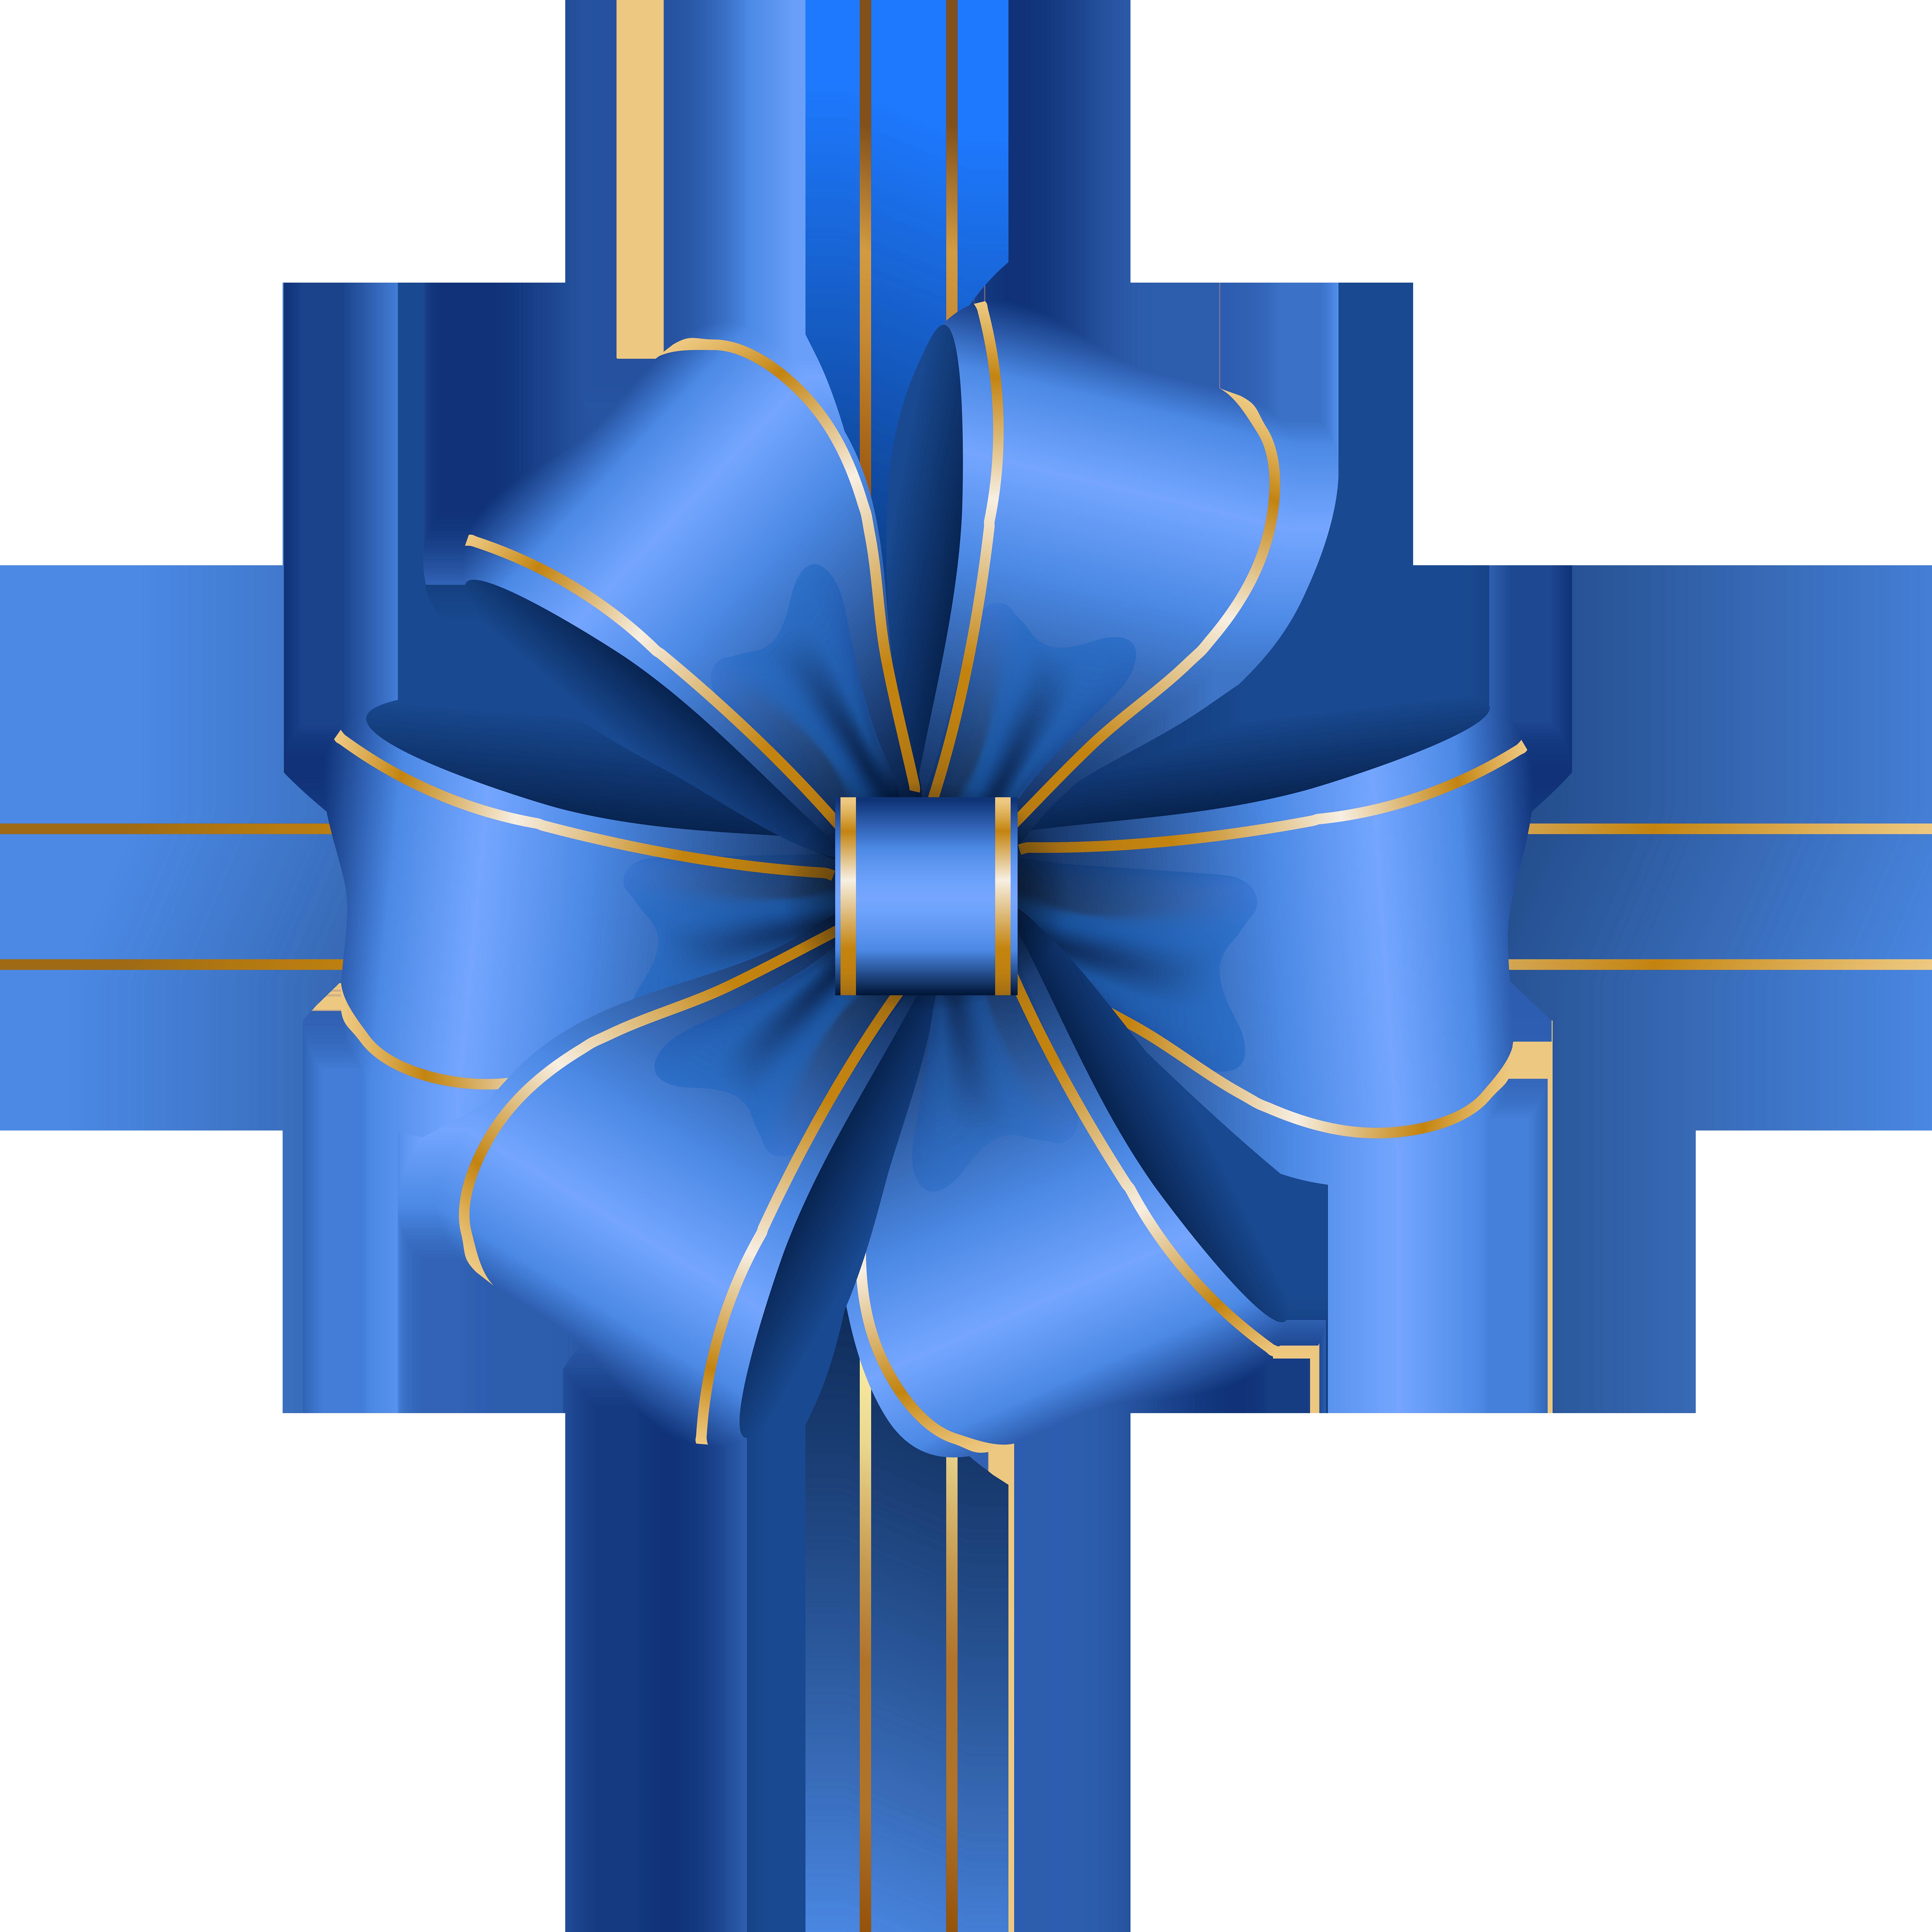 Wheel clipart blue. Decorative bow transparent png